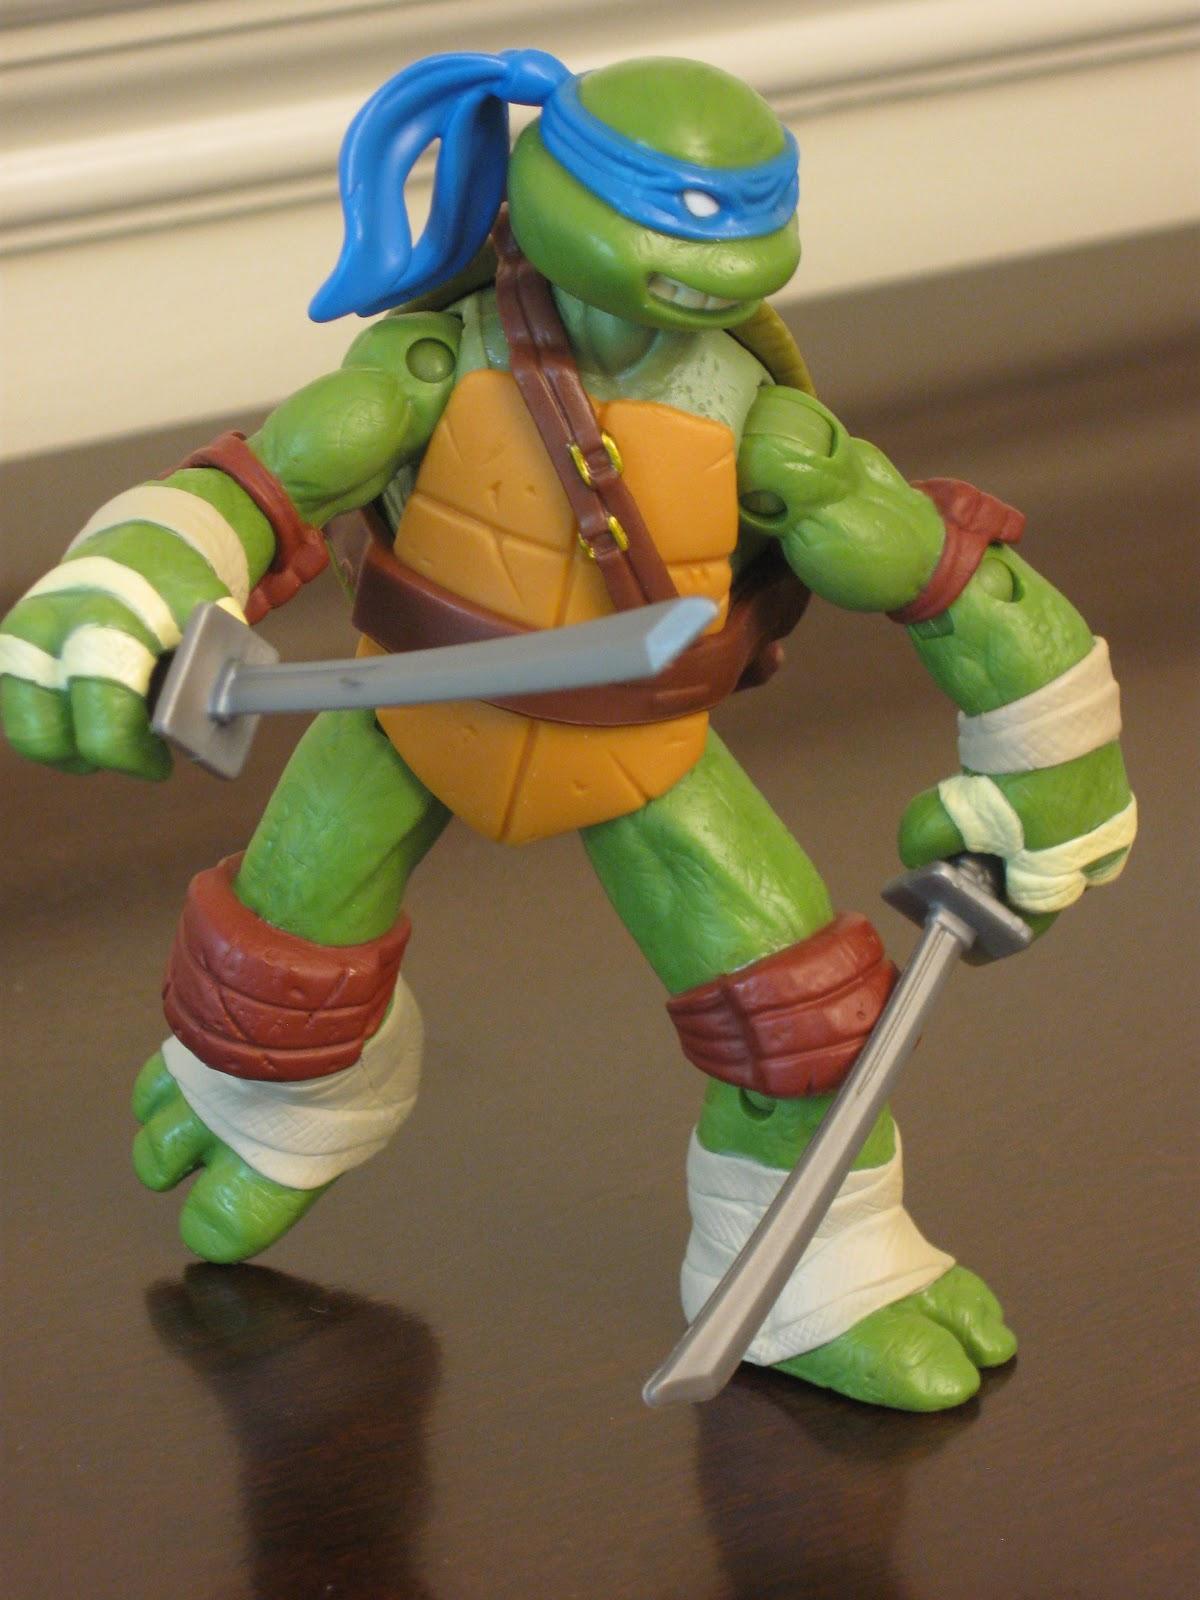 The Toyseum Leonardo Playmates Teenage Mutant Ninja